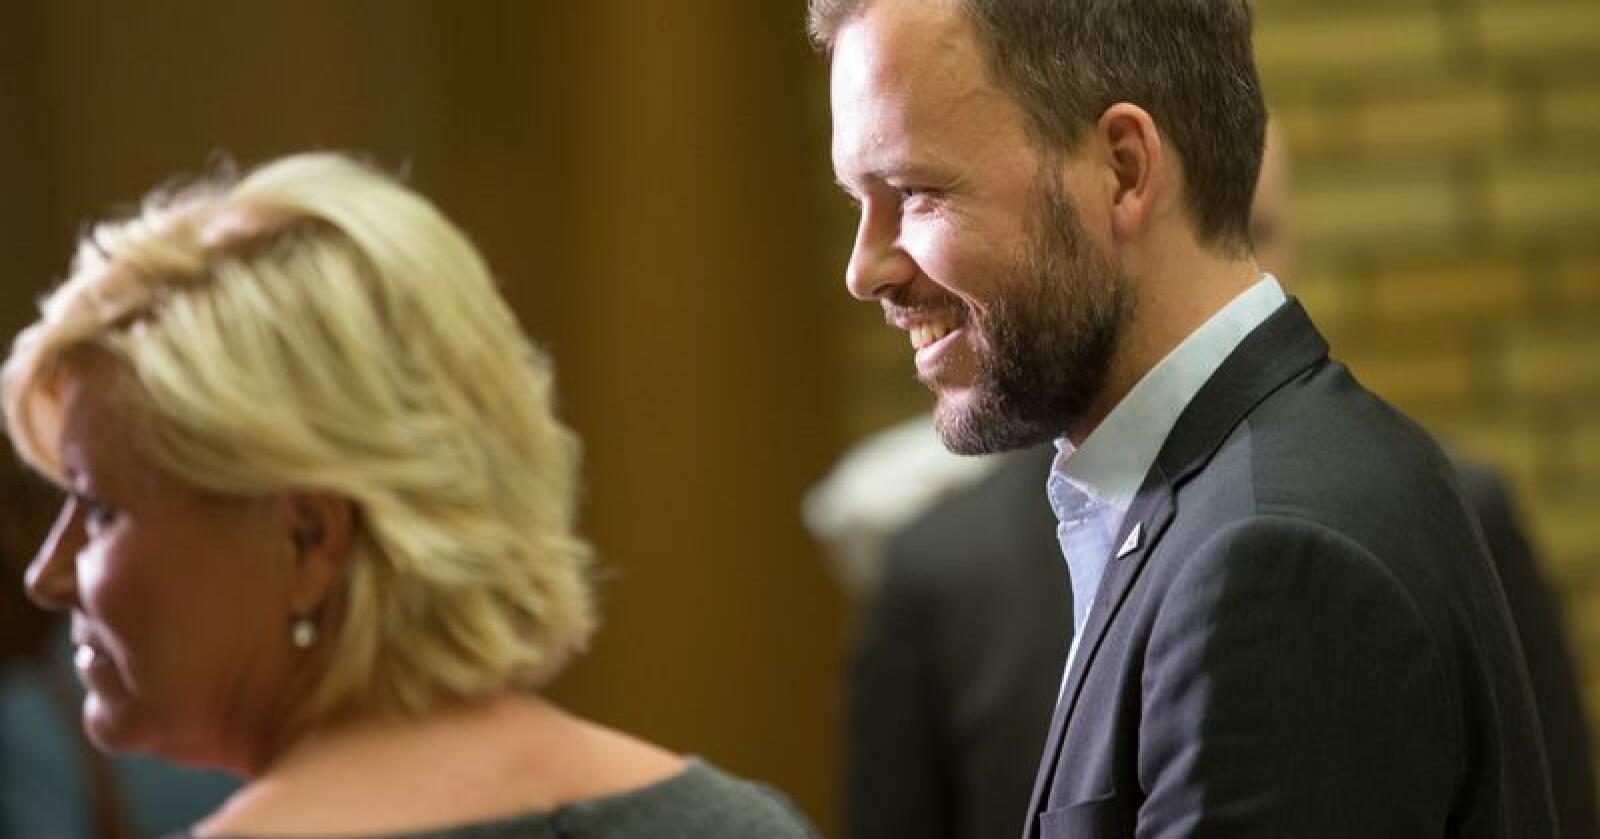 SV-leder Audun Lysbakken håver inn medlemmer etter Siv Jensens utsagn om «jævla sosialister». Arkivfoto: Terje Bendiksby / NTB scanpix